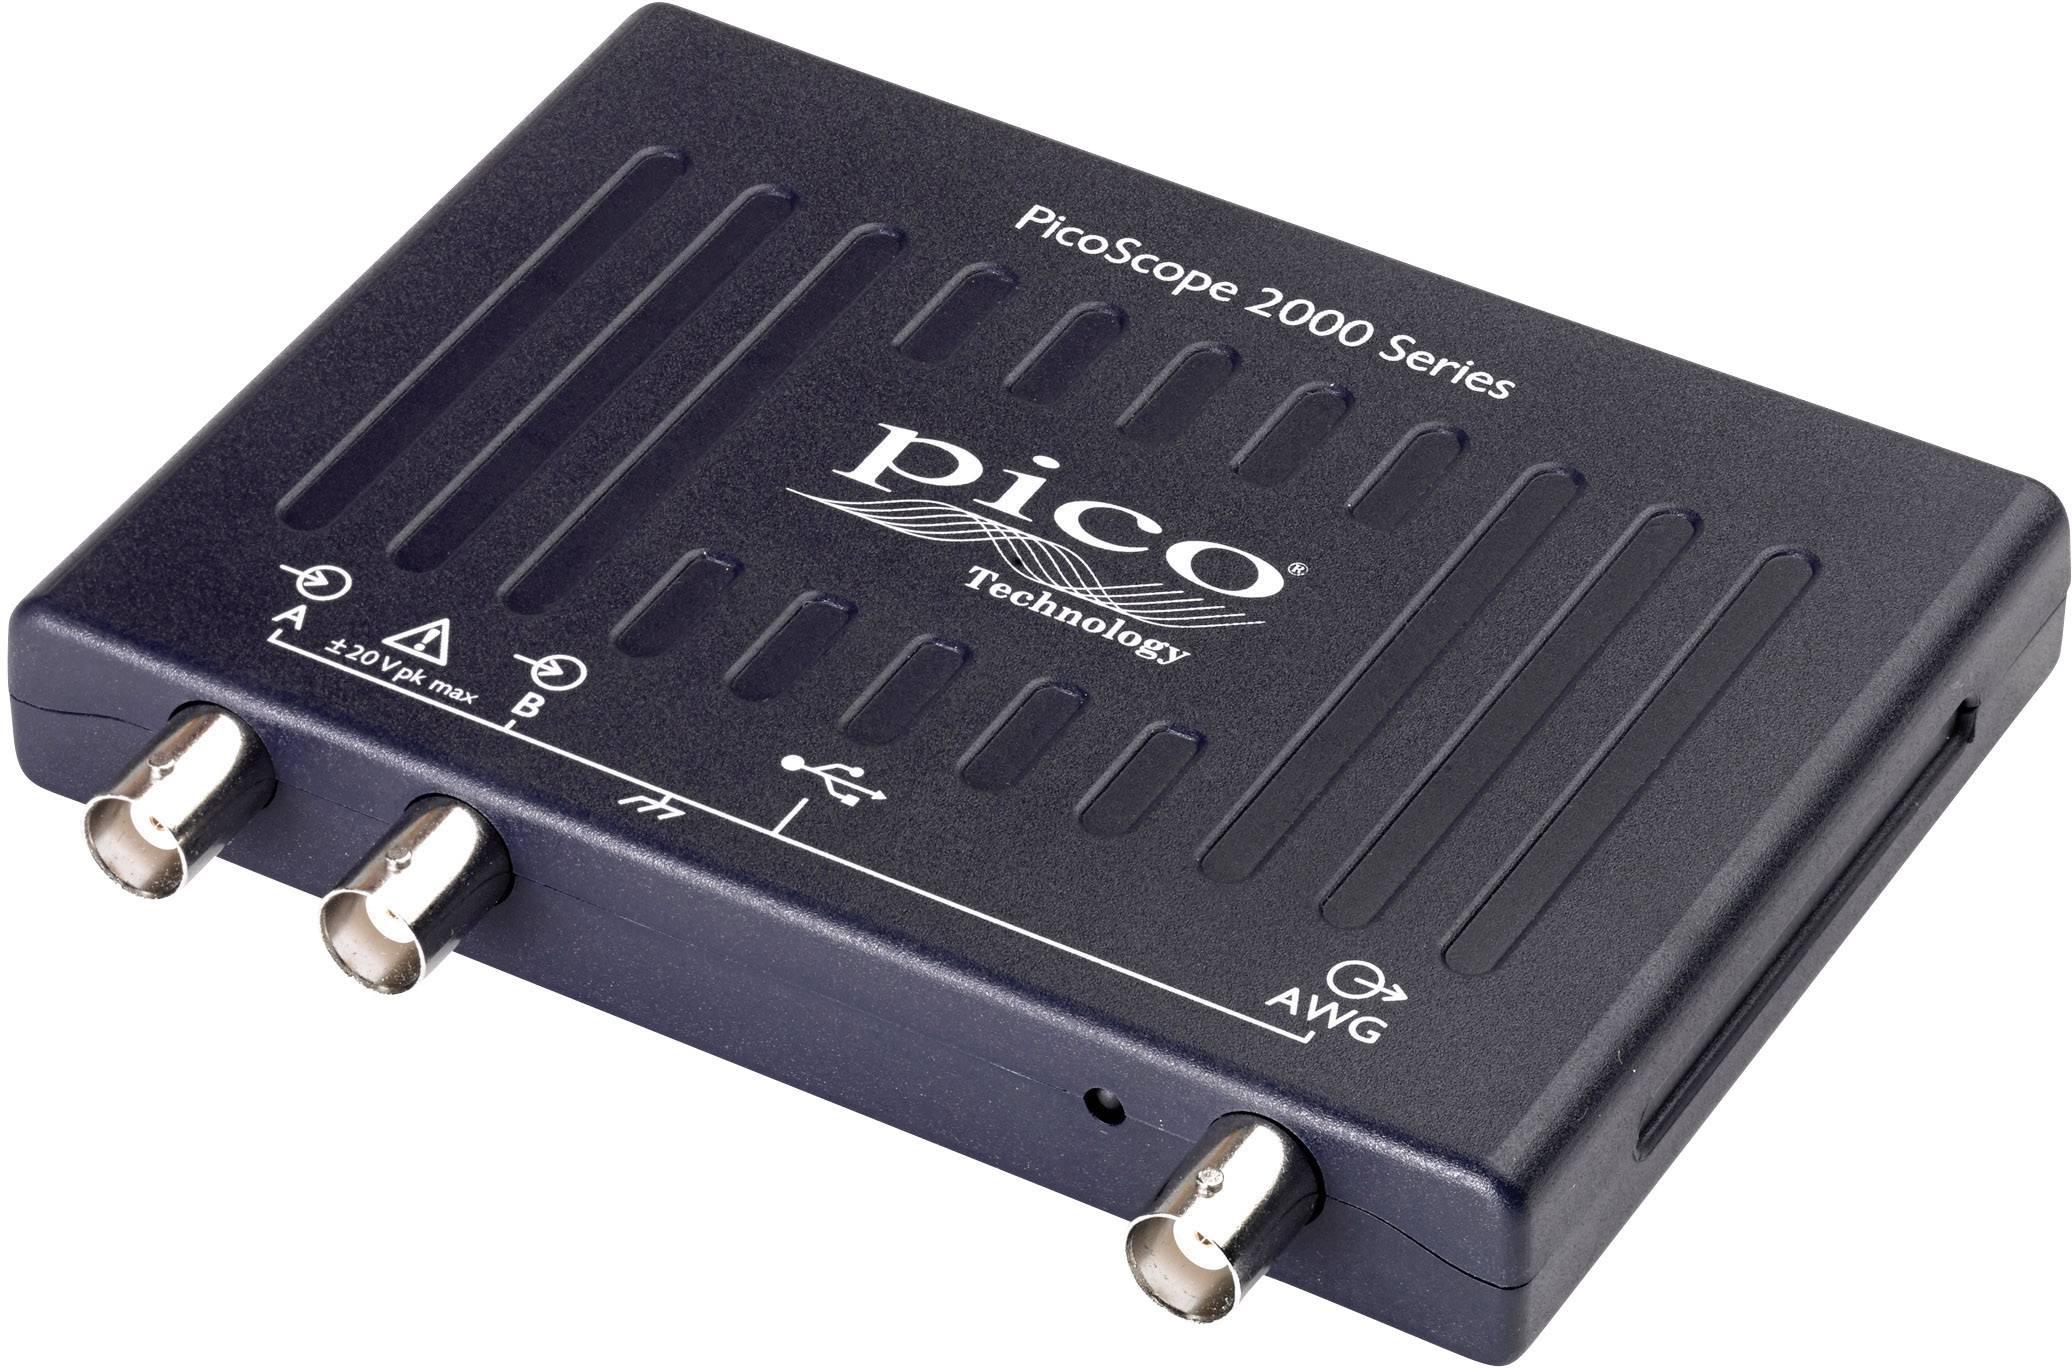 USB osciloskop pico 2208B, 100 MHz, 2kanálový